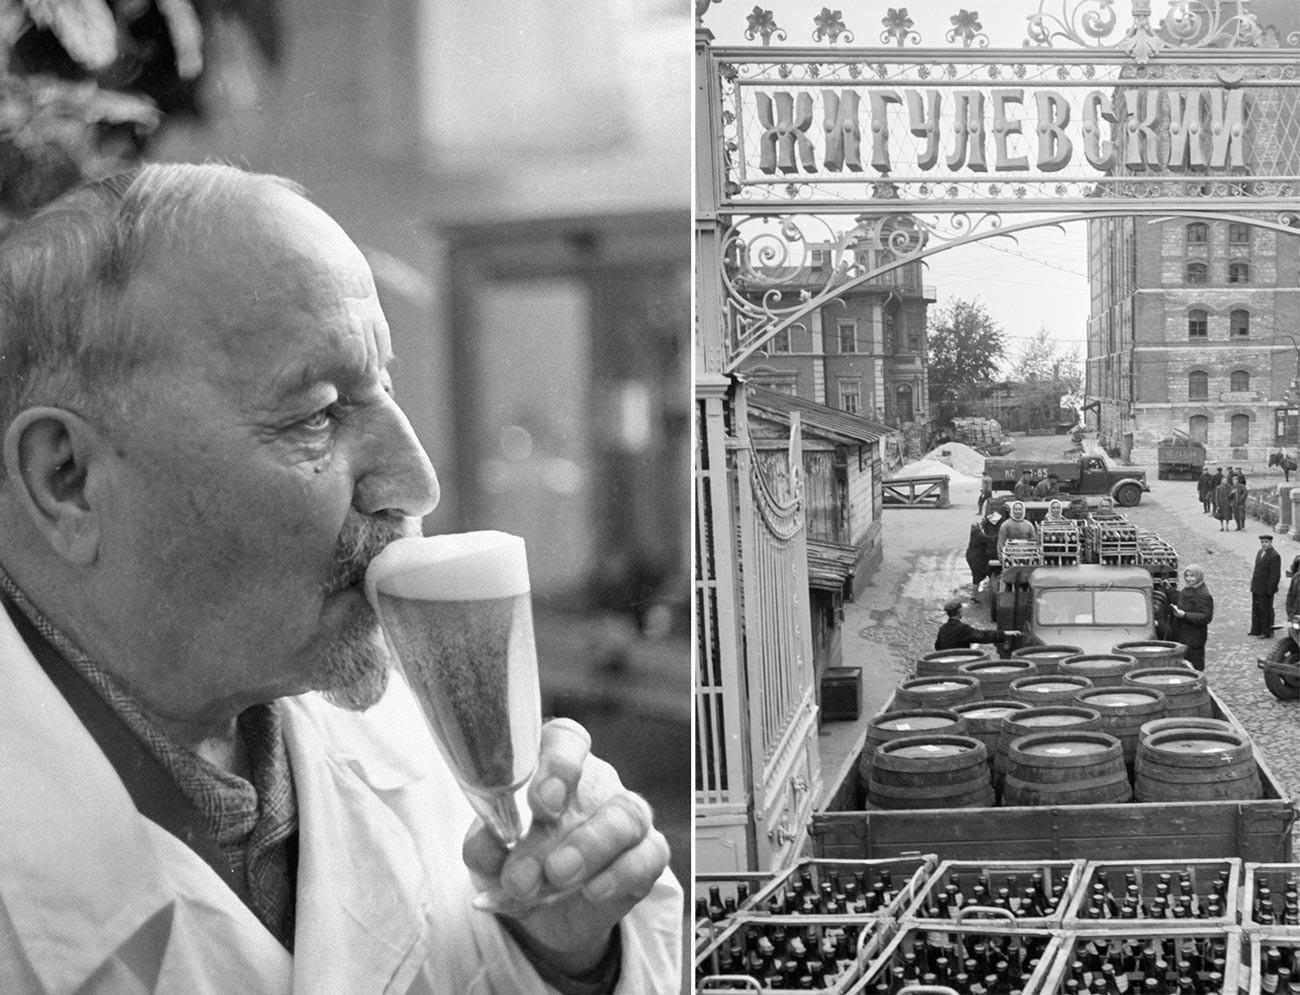 """Александар Касјанов, главни пивар Жигуљовског пиварског комбината у Кујбишеву (данас """"Жигуљовско пиво"""")"""